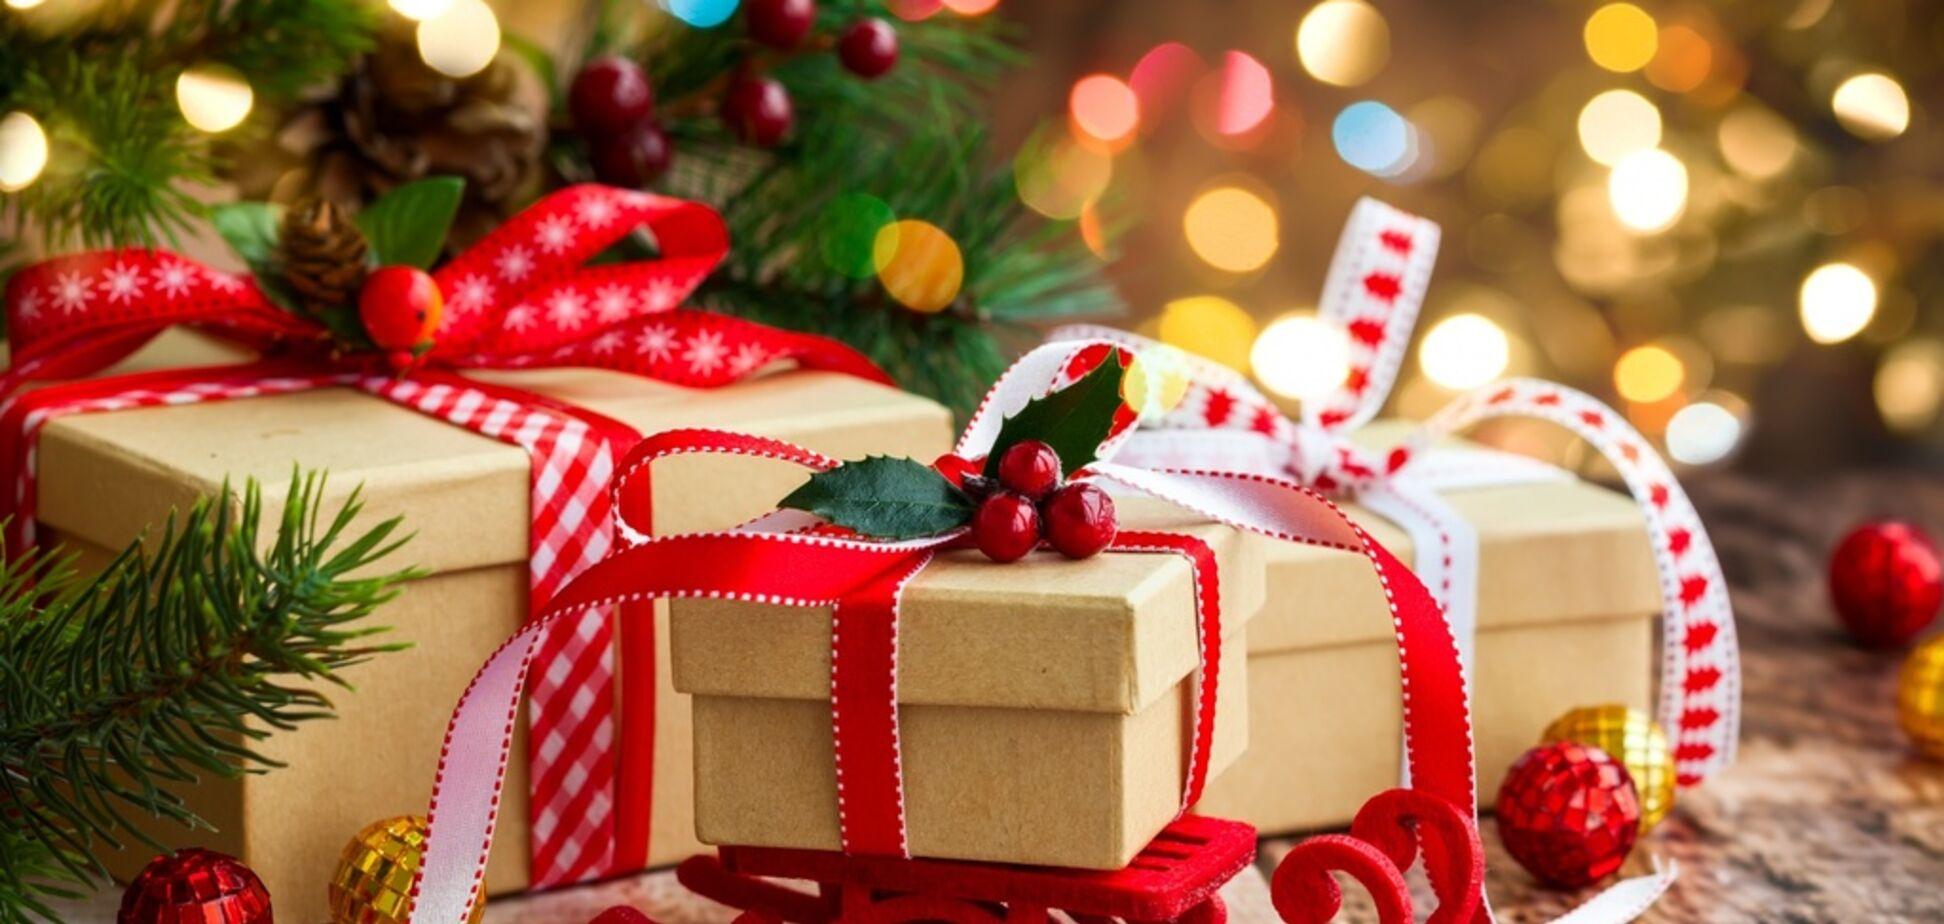 Новий рік і Різдво-2019 в Україні: скільки буде вихідних